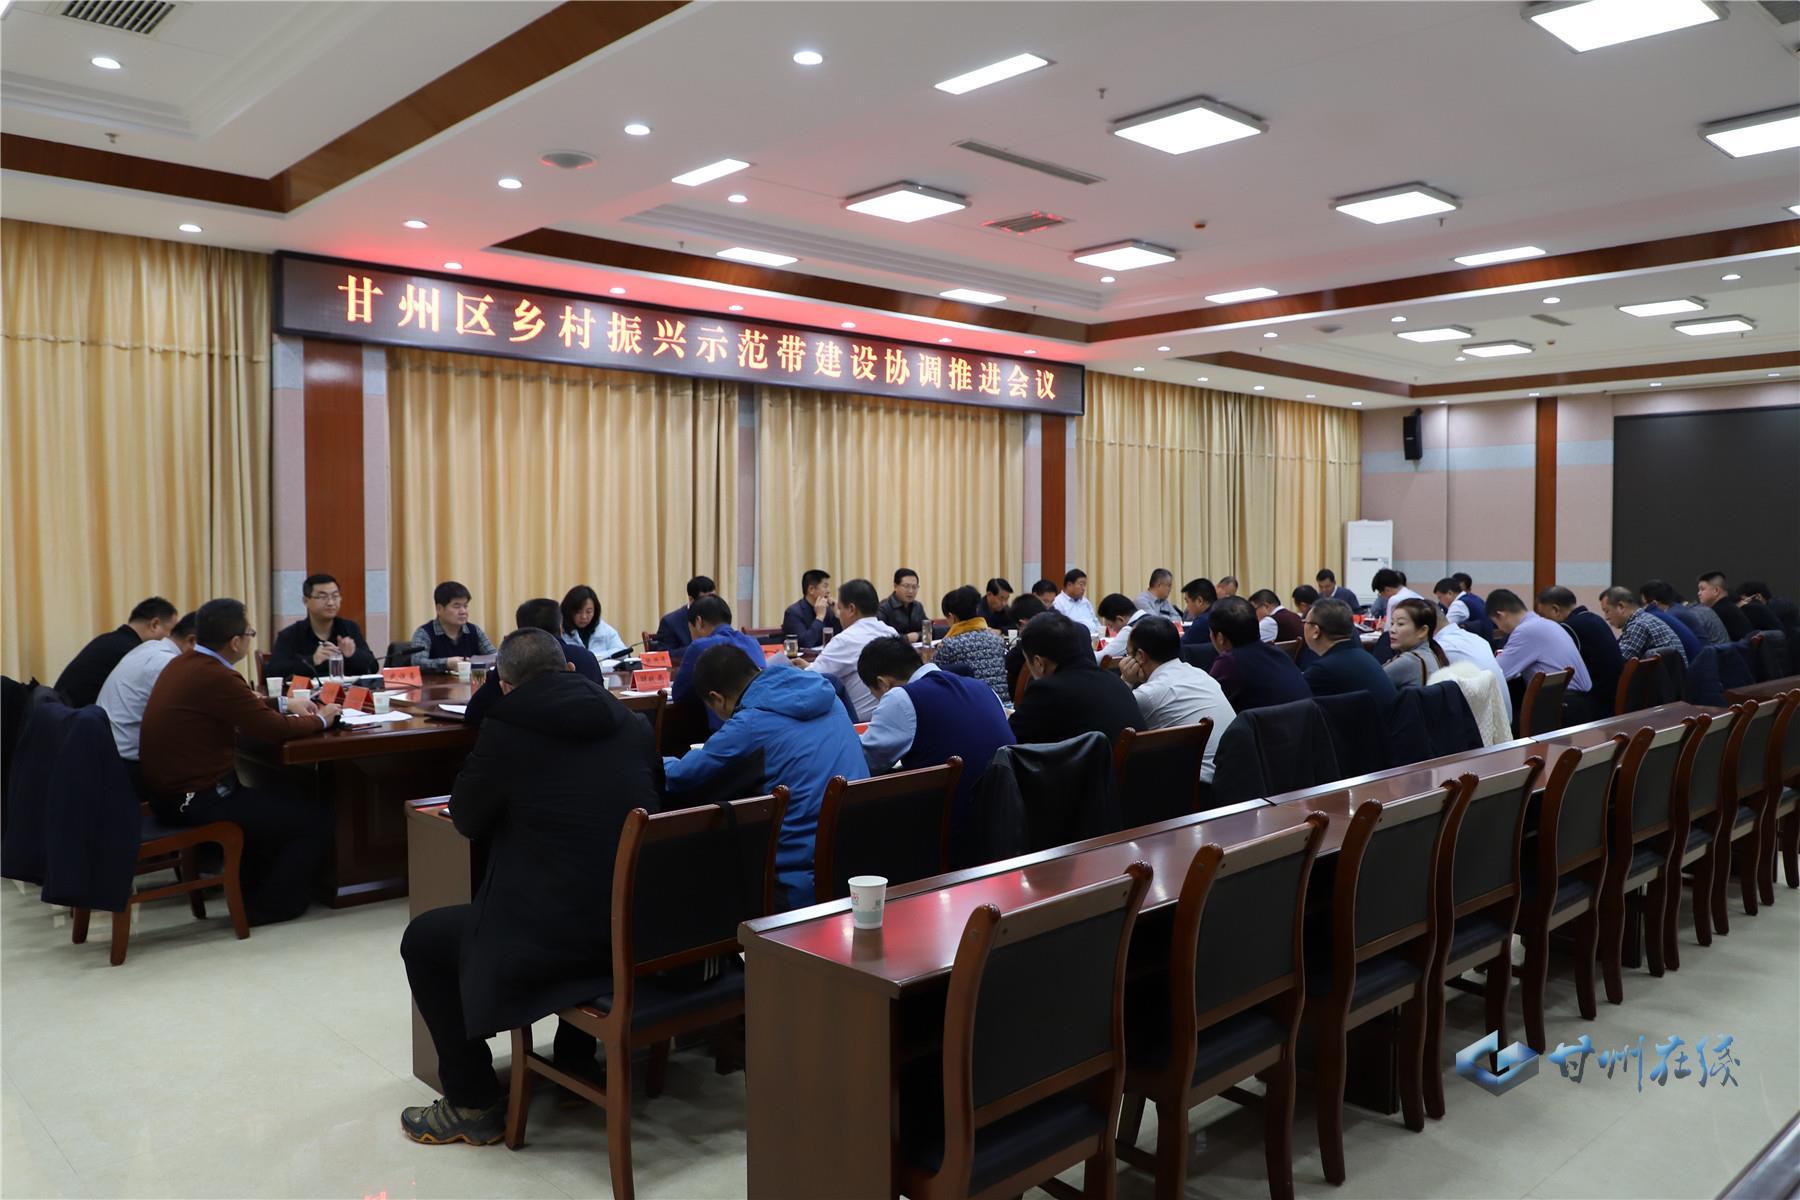 甘州区召开乡村振兴示范带建设协调推进会议